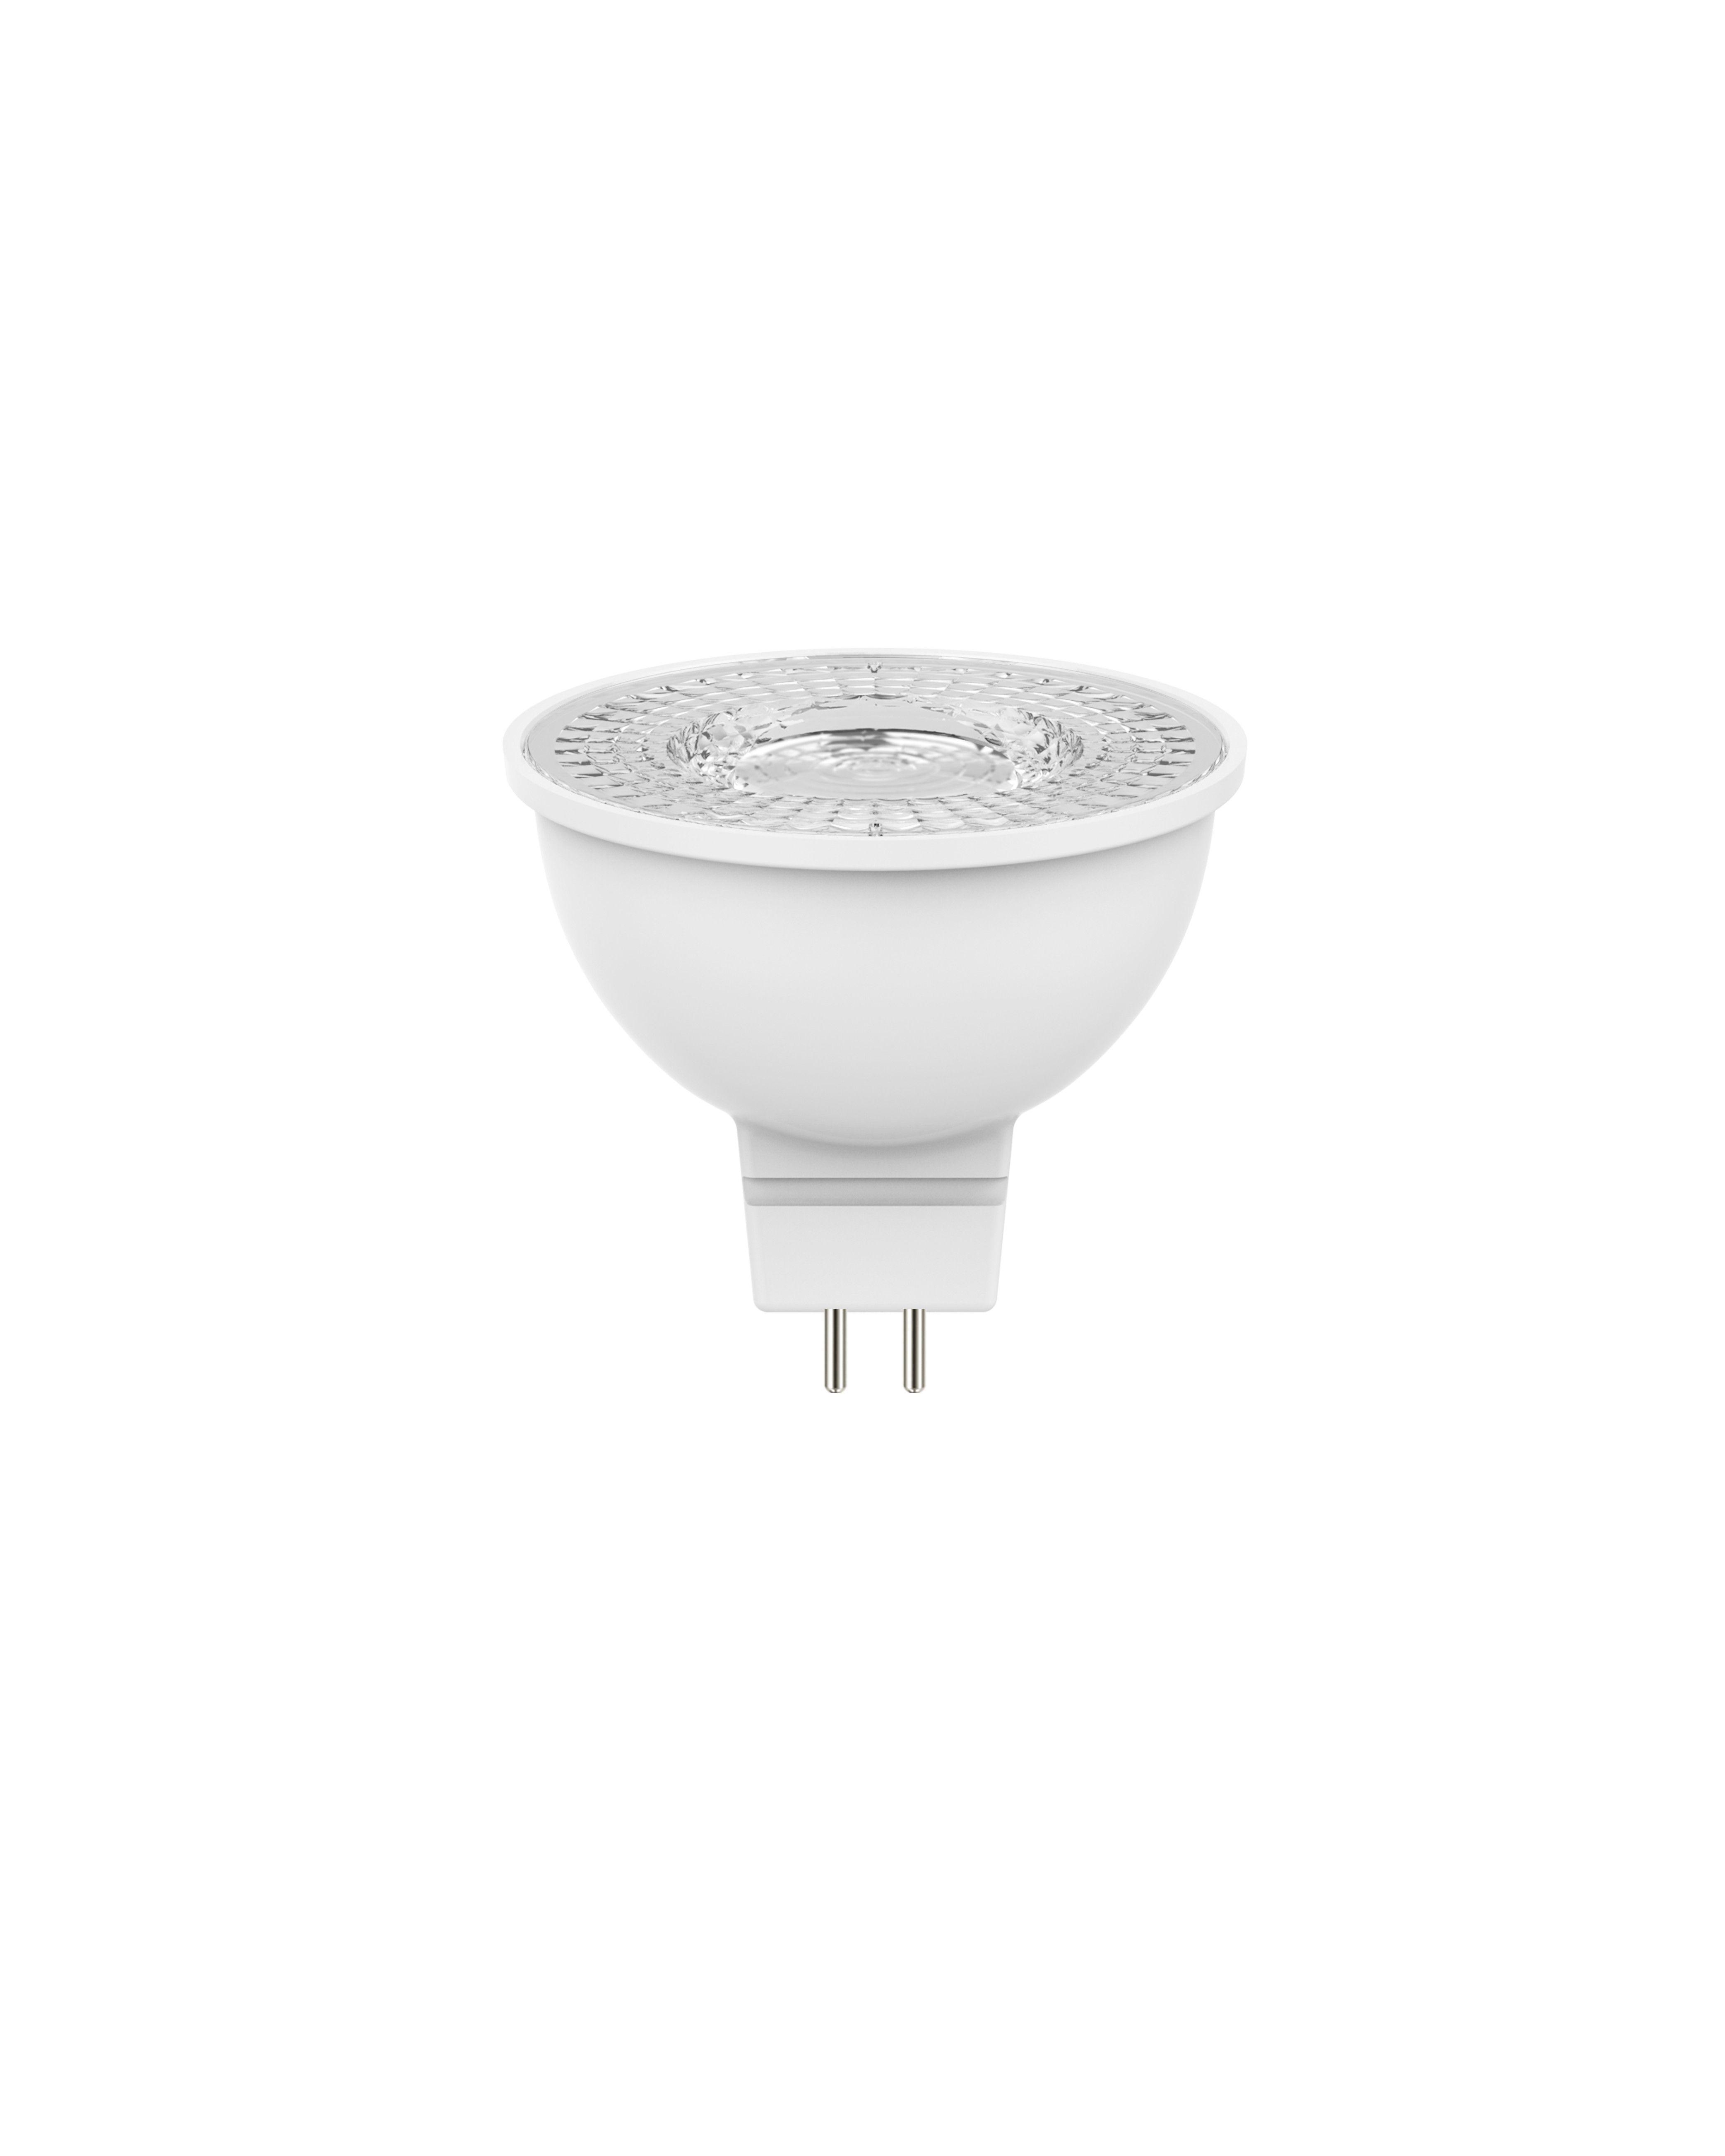 Купить Лампа светодиодная Osram LSMR1650110 4, 2W/830230VGU5.310X1RUOSRAM теплый-белый, Osram Ledvance